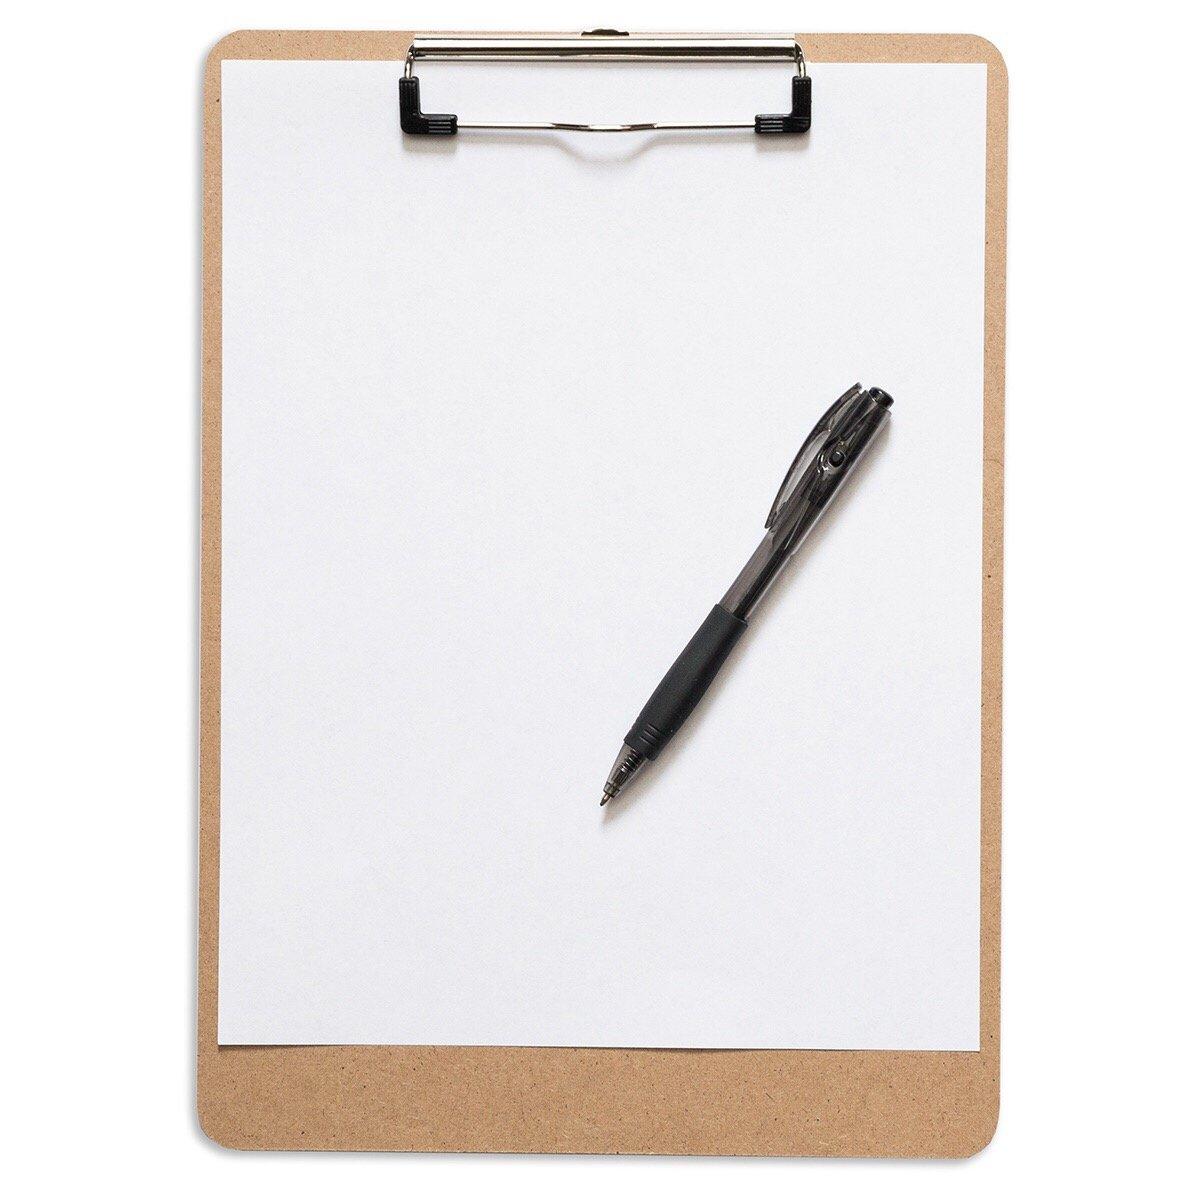 Tavoletta da morsetto profilo basso ideale per ufficio Confezione da 10 aula formato A4 faesite eco-compatibili Portablocco